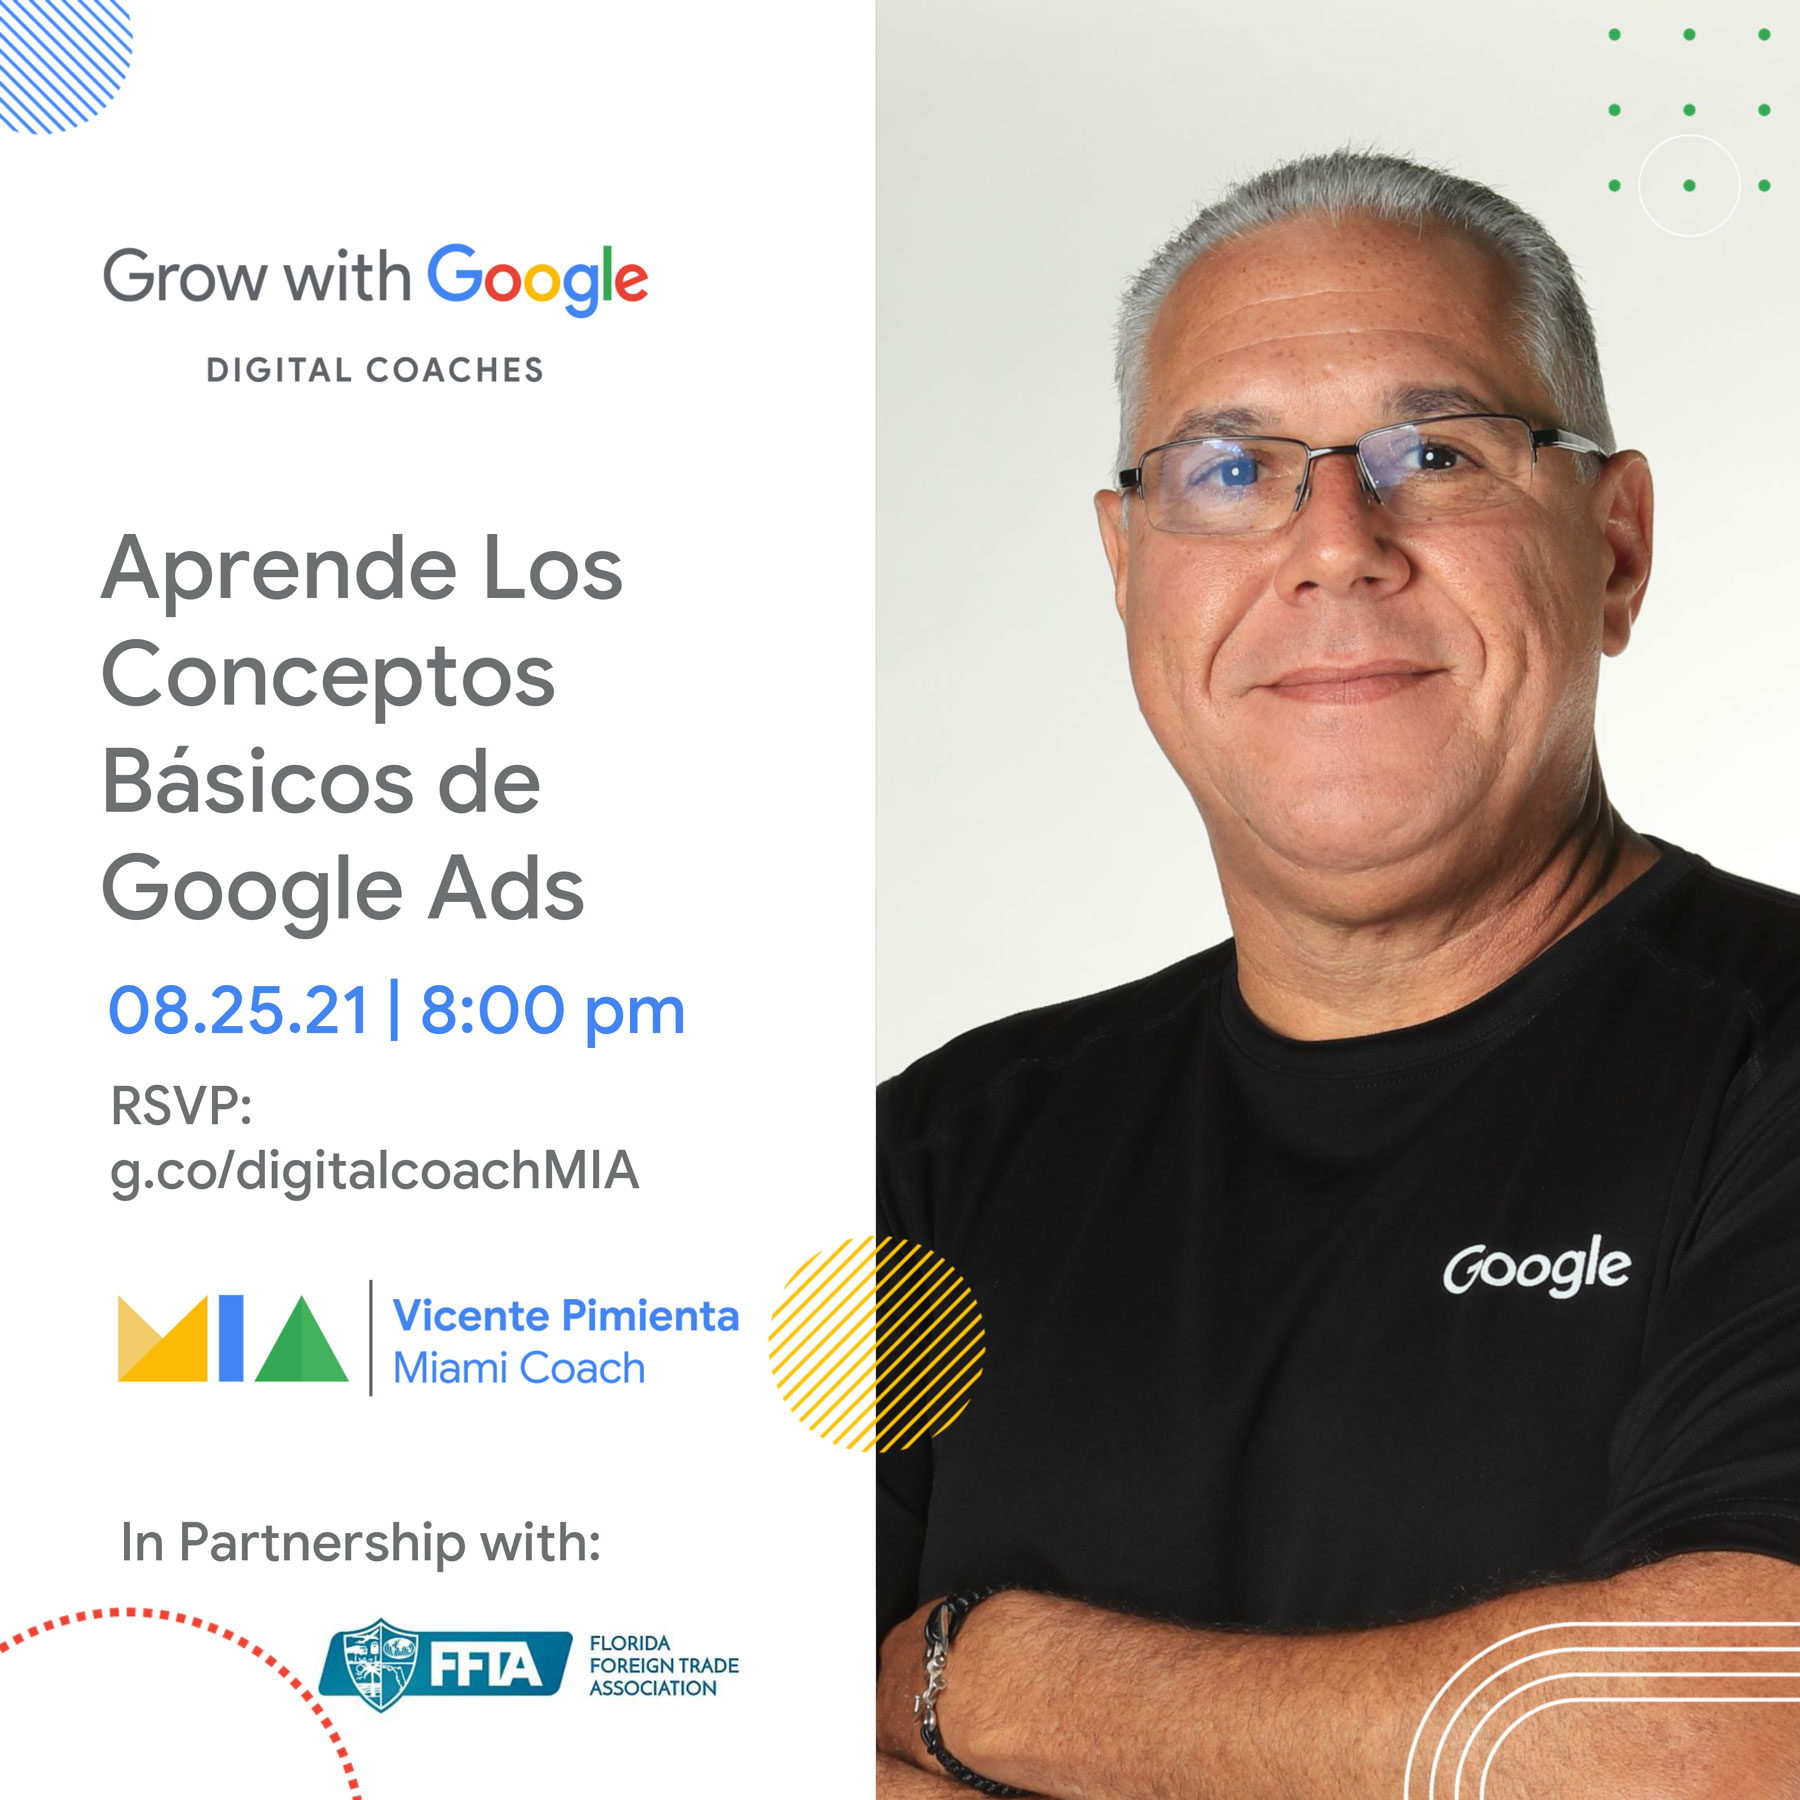 Aprender cómo crear publicidad con Google Ads